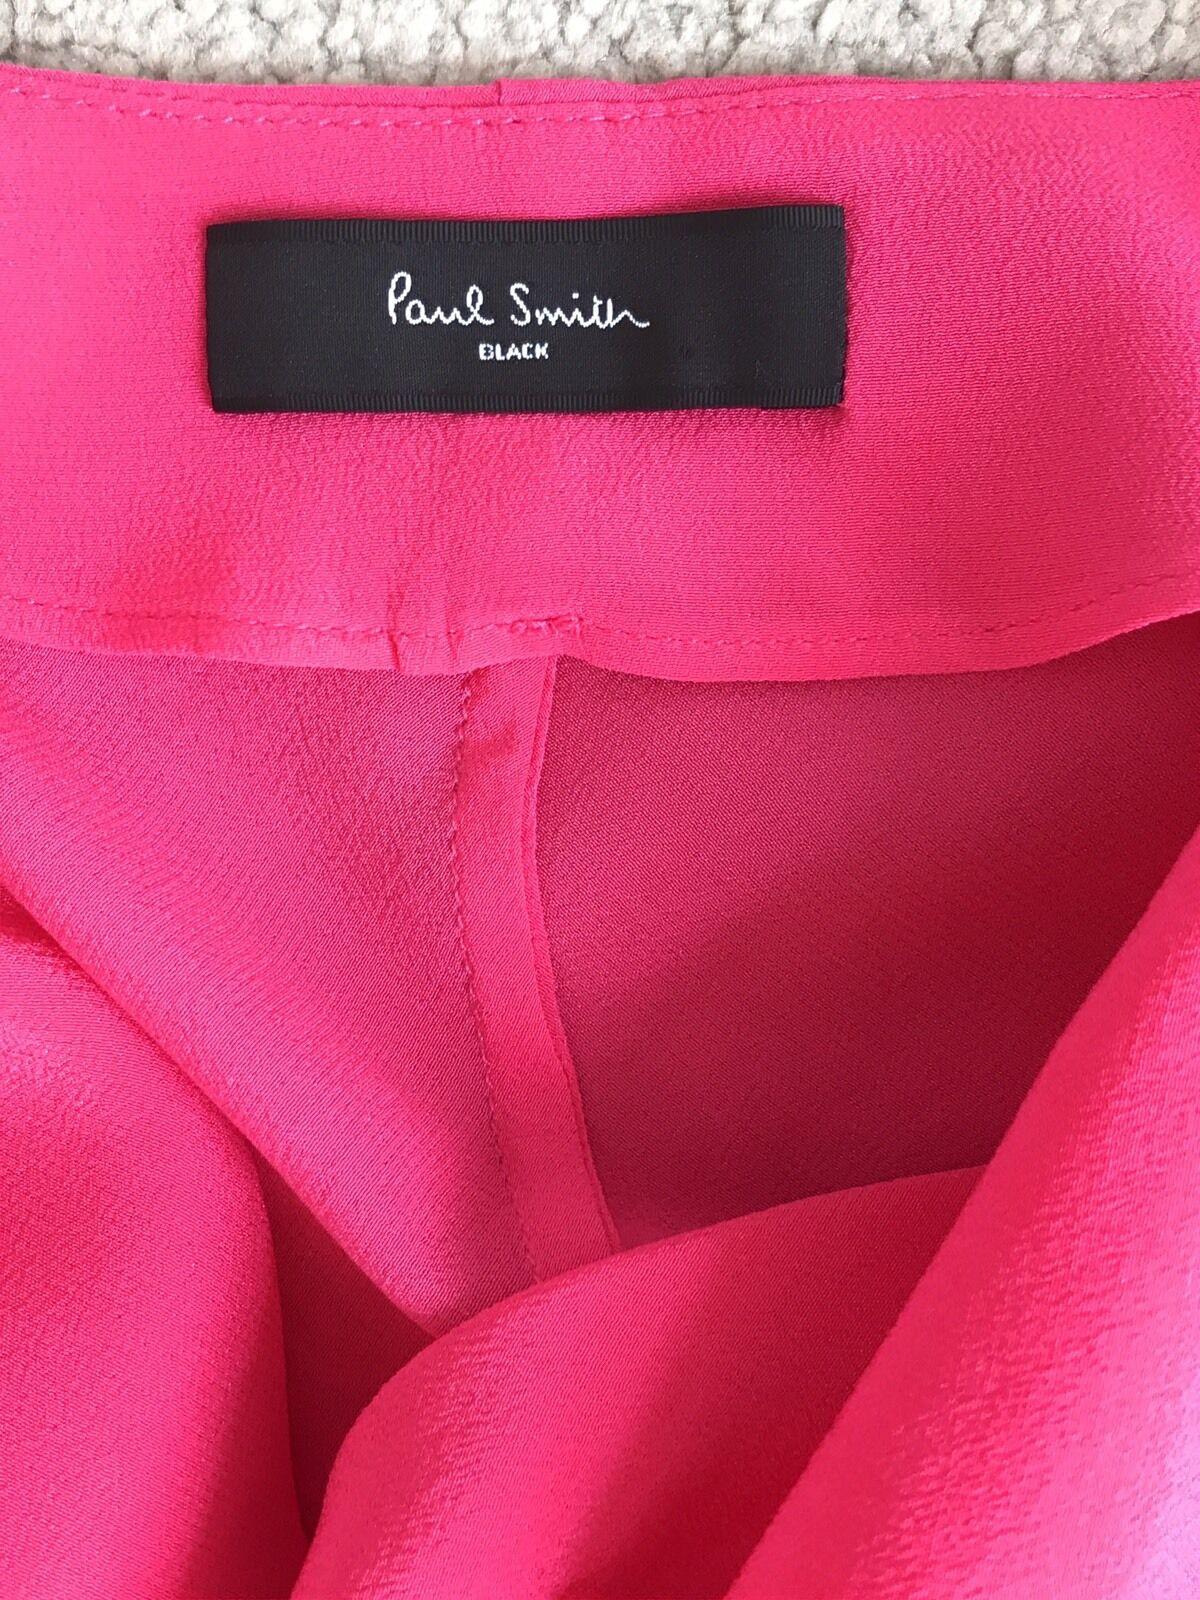 PAUL SMITH bellissimo abito seta seta seta rosa brillante con cappuccio collo e cintura SZ 12 nuovi contrassegni & 2e9f2b